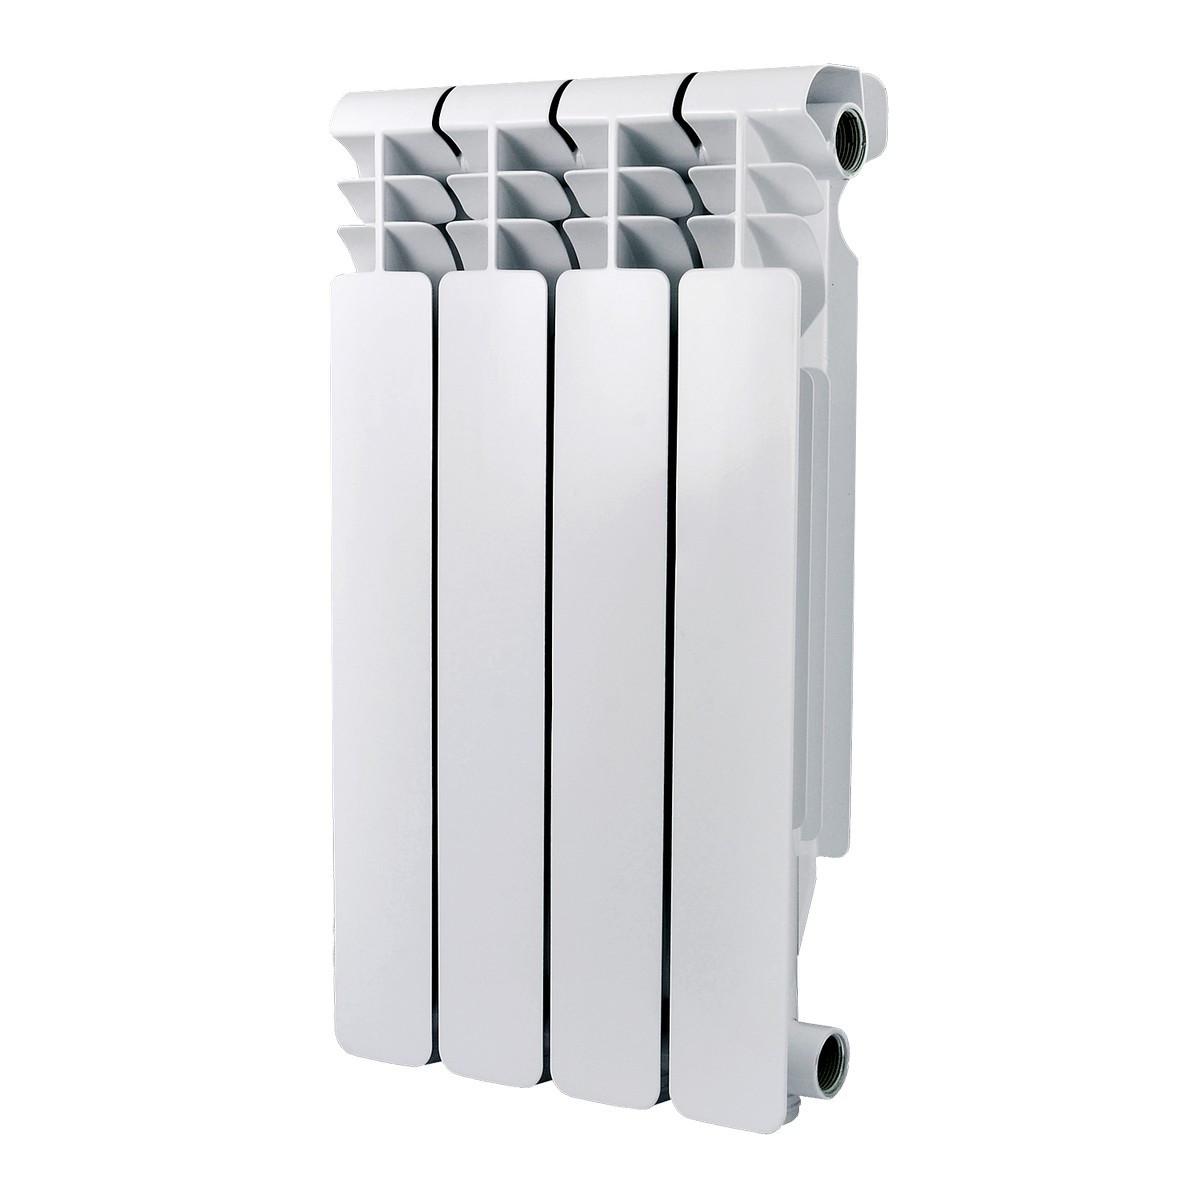 Радиатор алюминий Classic 200 12 секций 1,536кВт Ogint 117-6002